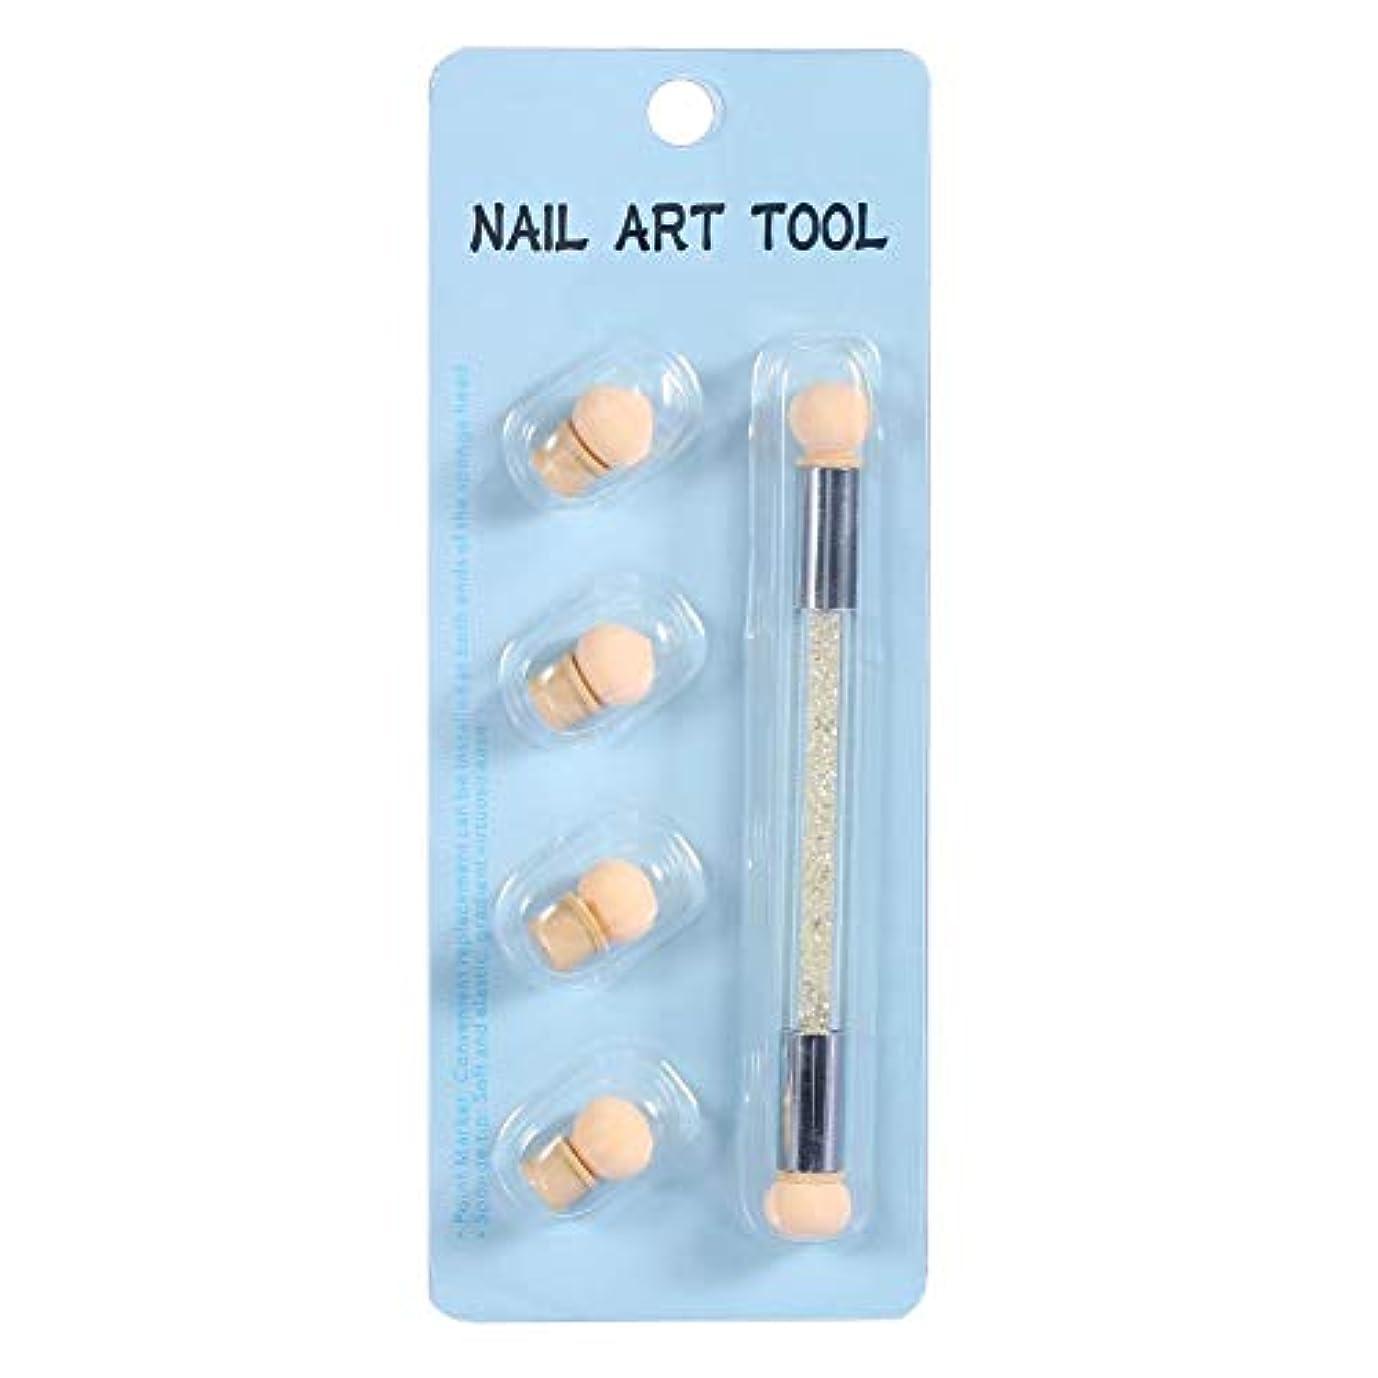 衰える嫉妬留まるネイルアート 4個 交換用 スポンジヘッド ネイルアートスポンジブラシ ネイル筆 ドットペン